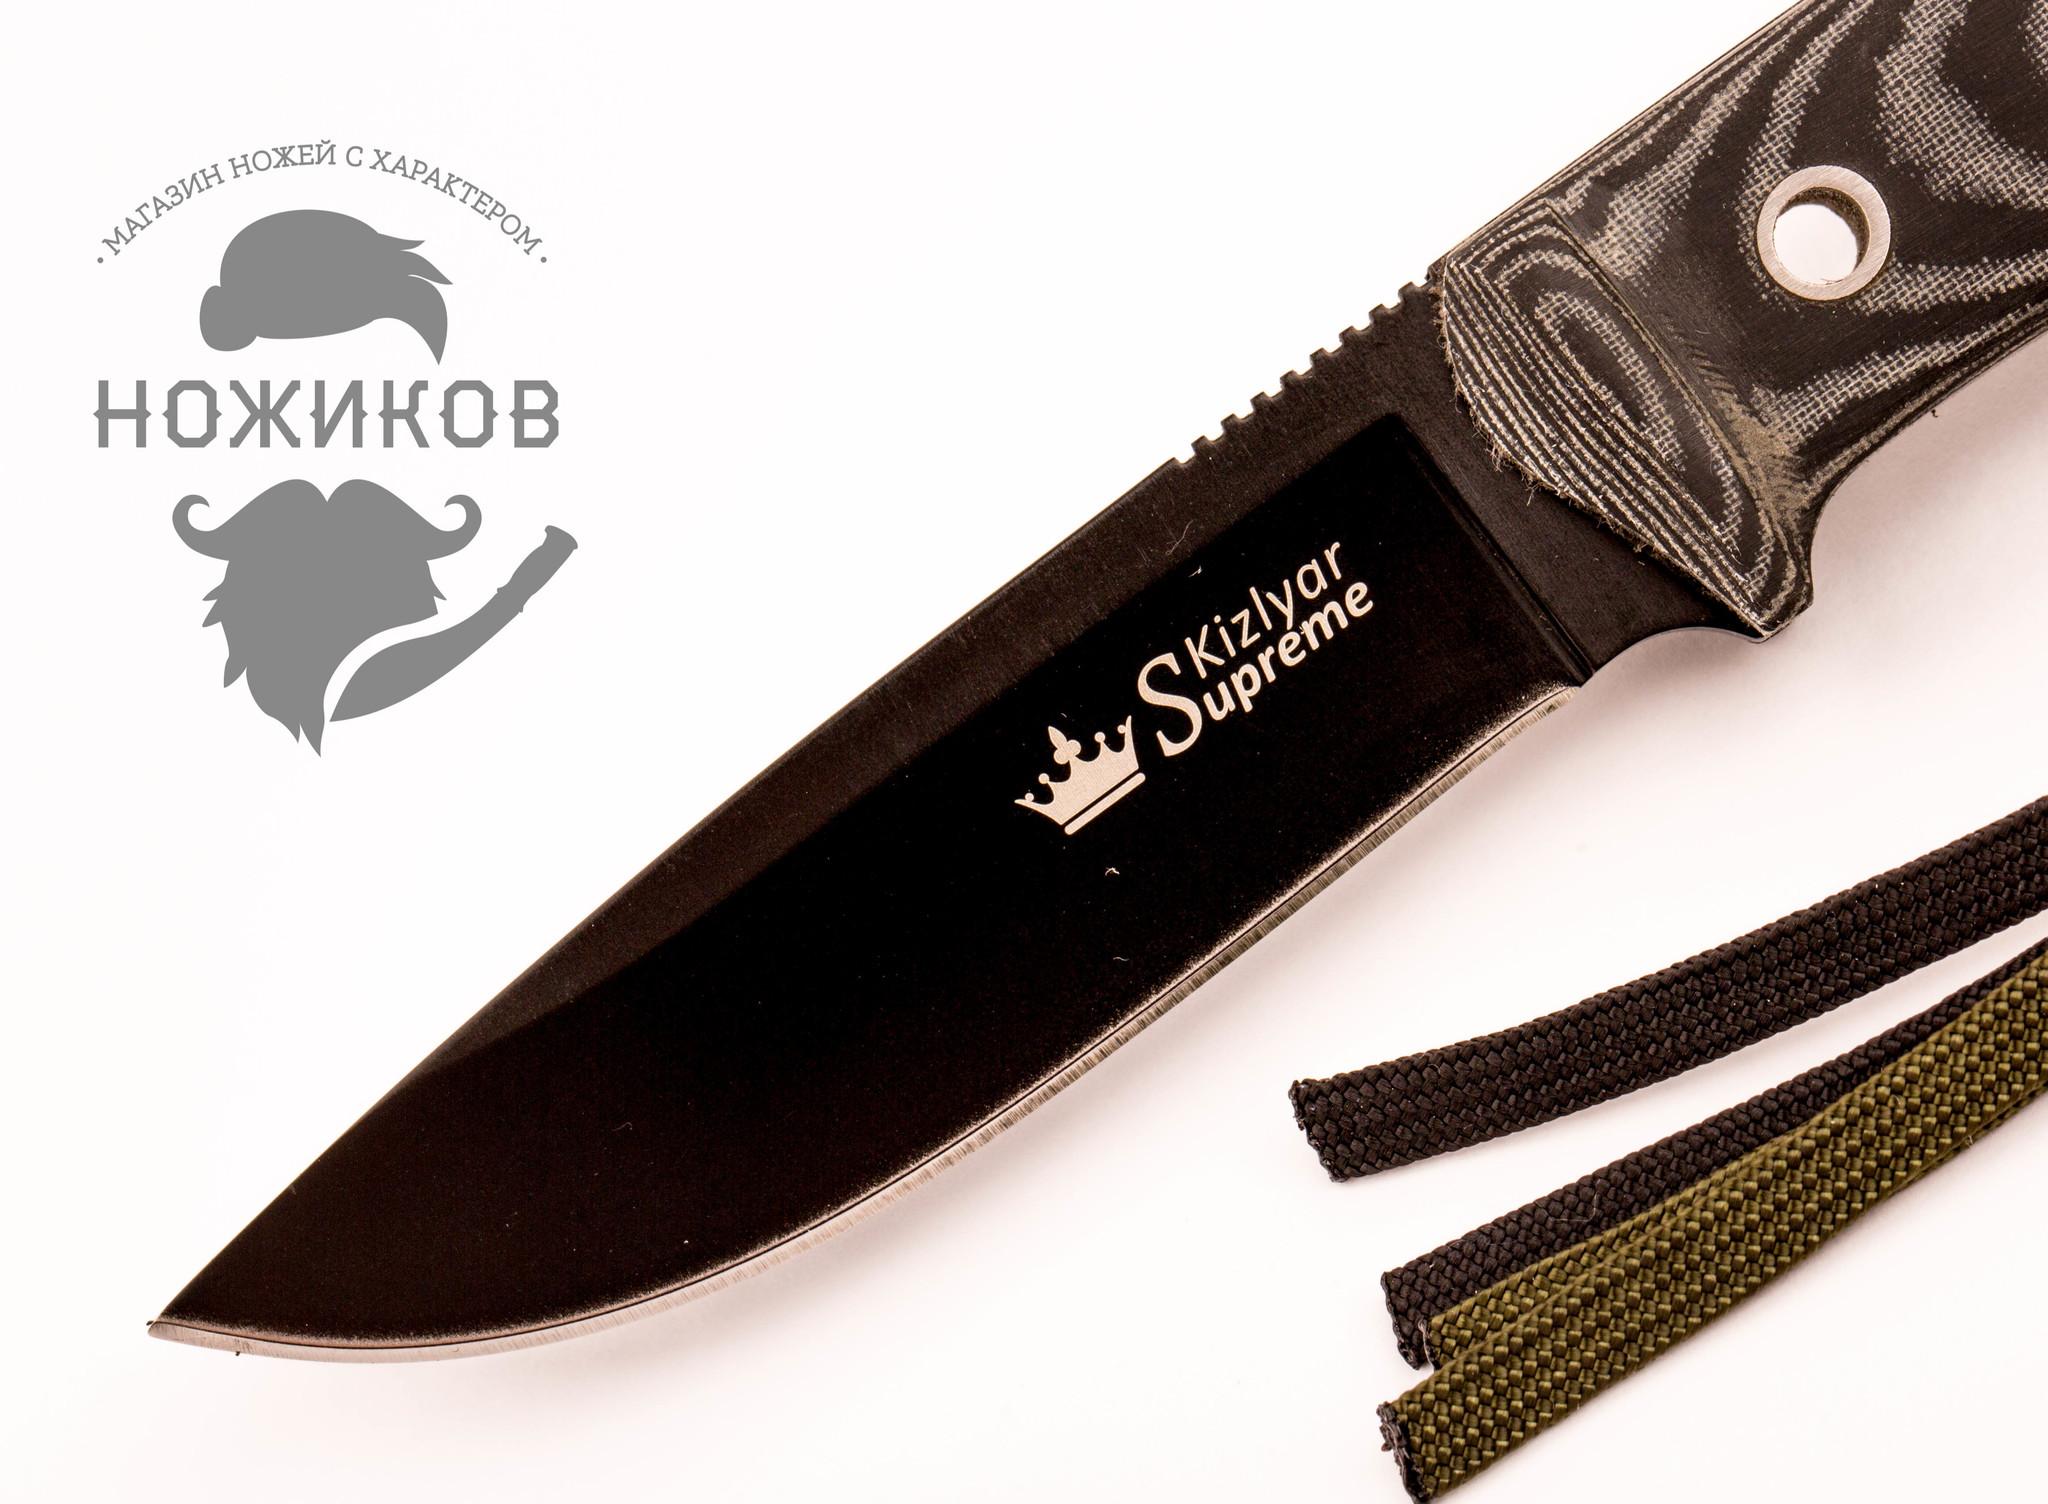 Фото 6 - Нож Santi D2 BT, Кизляр от Kizlyar Supreme